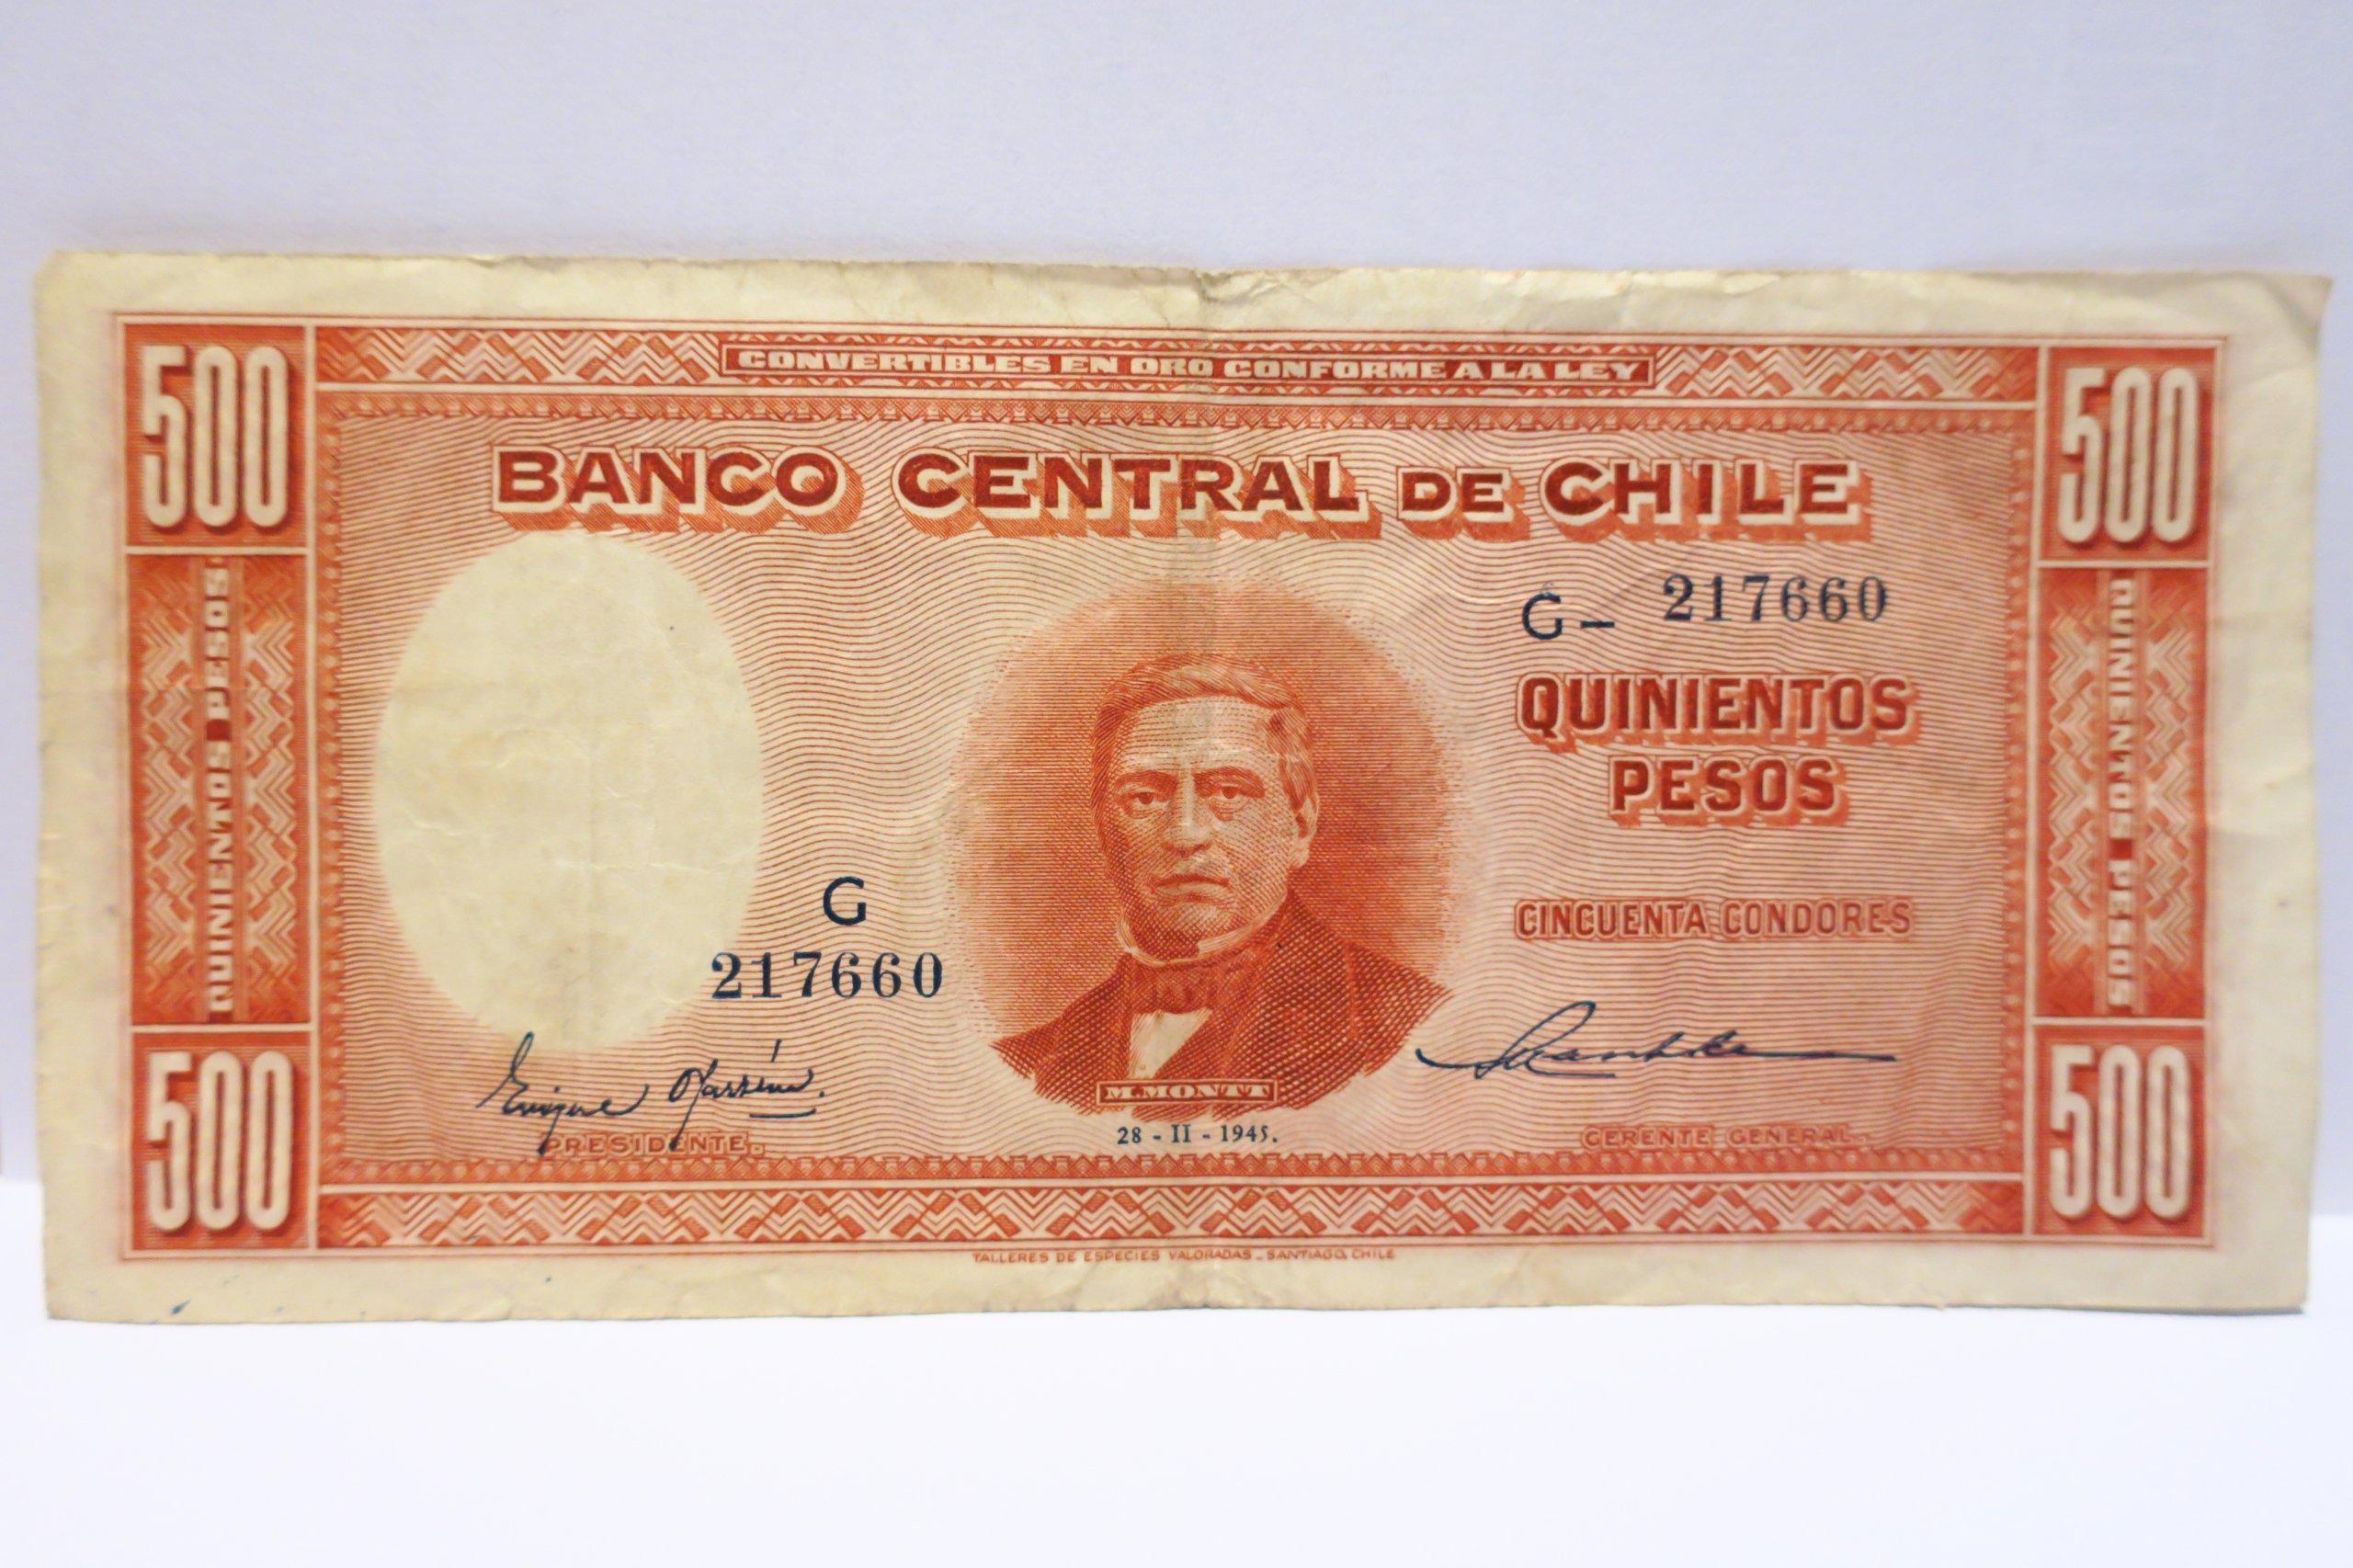 500 PESOS 1945 CHILE G RZADKI